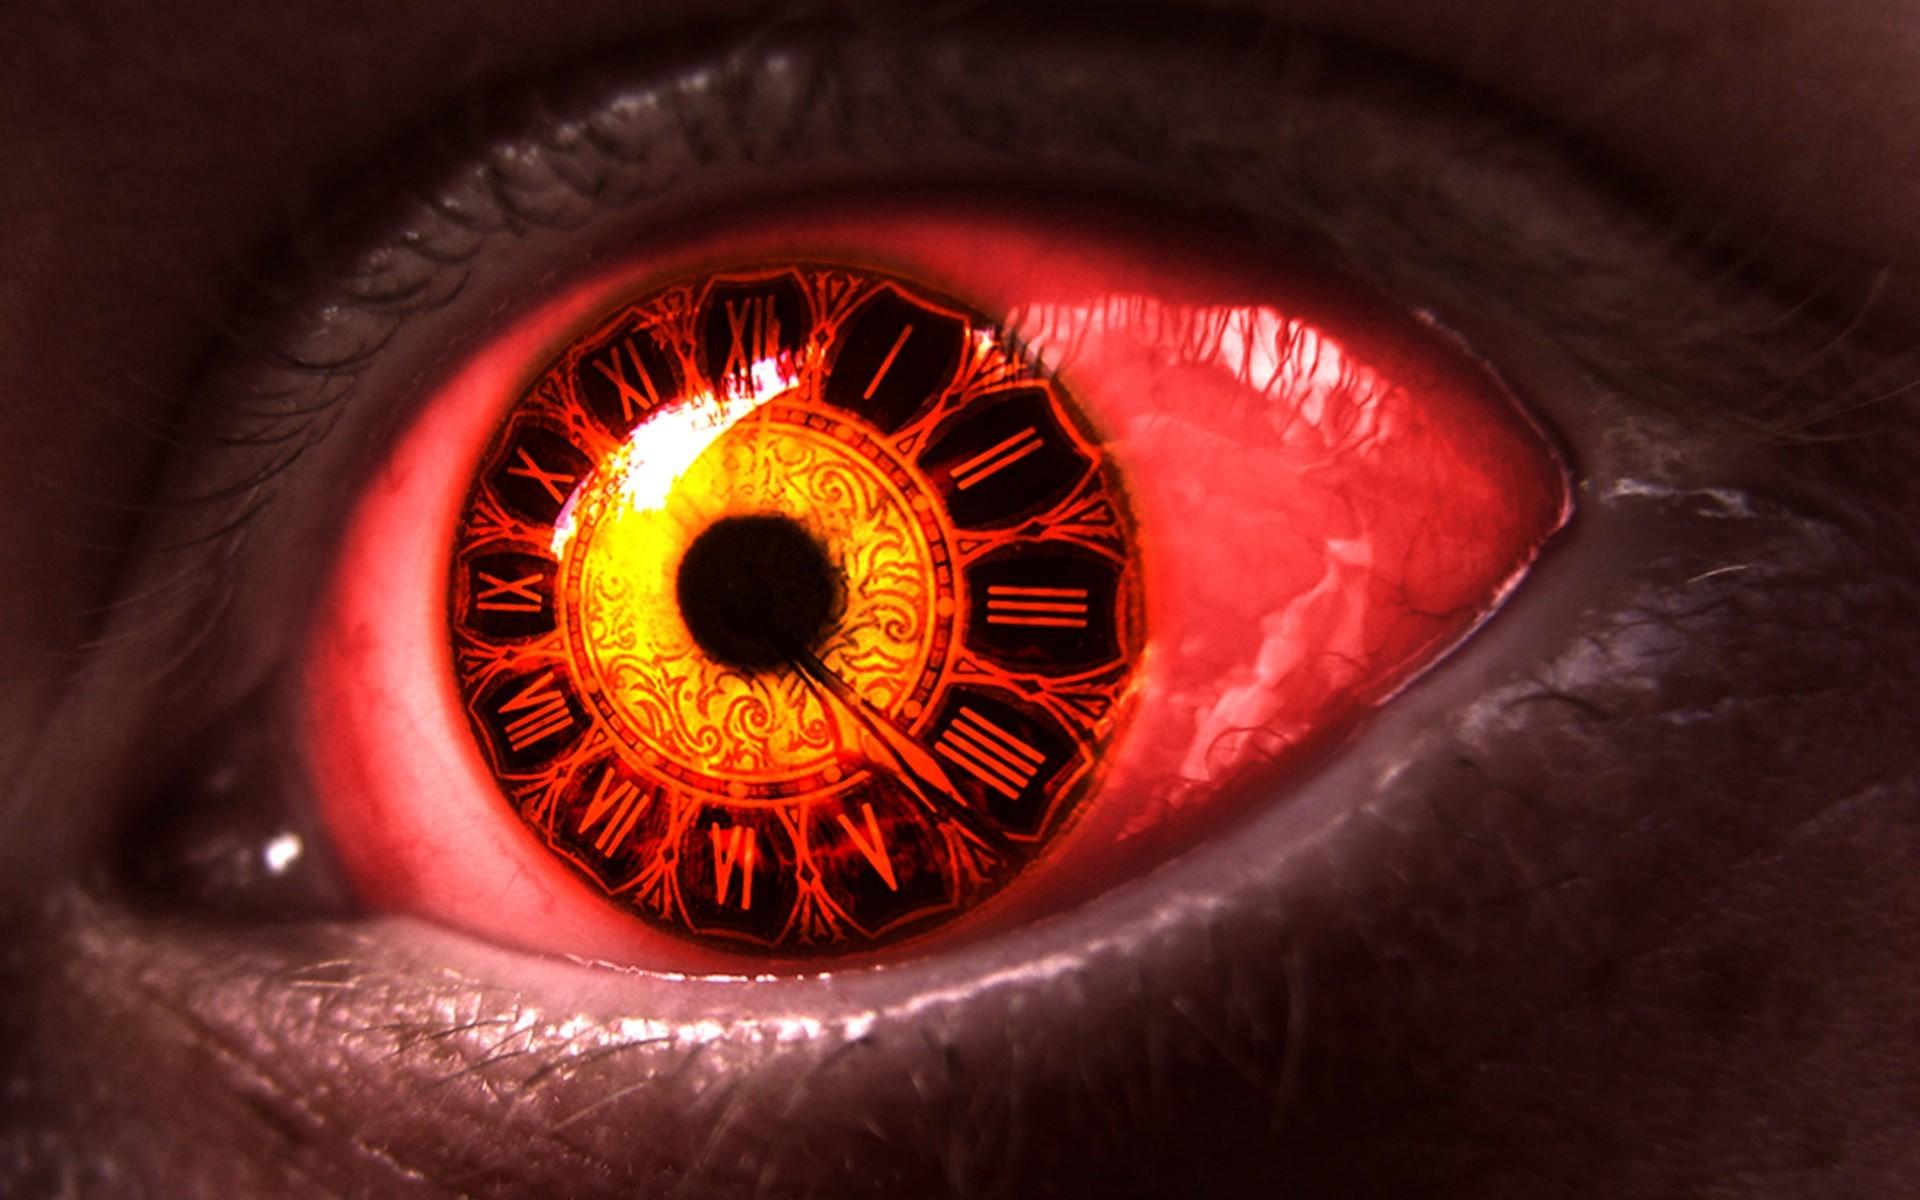 3d Digital Clock Wallpaper Eyeball Wallpaper 183 ①